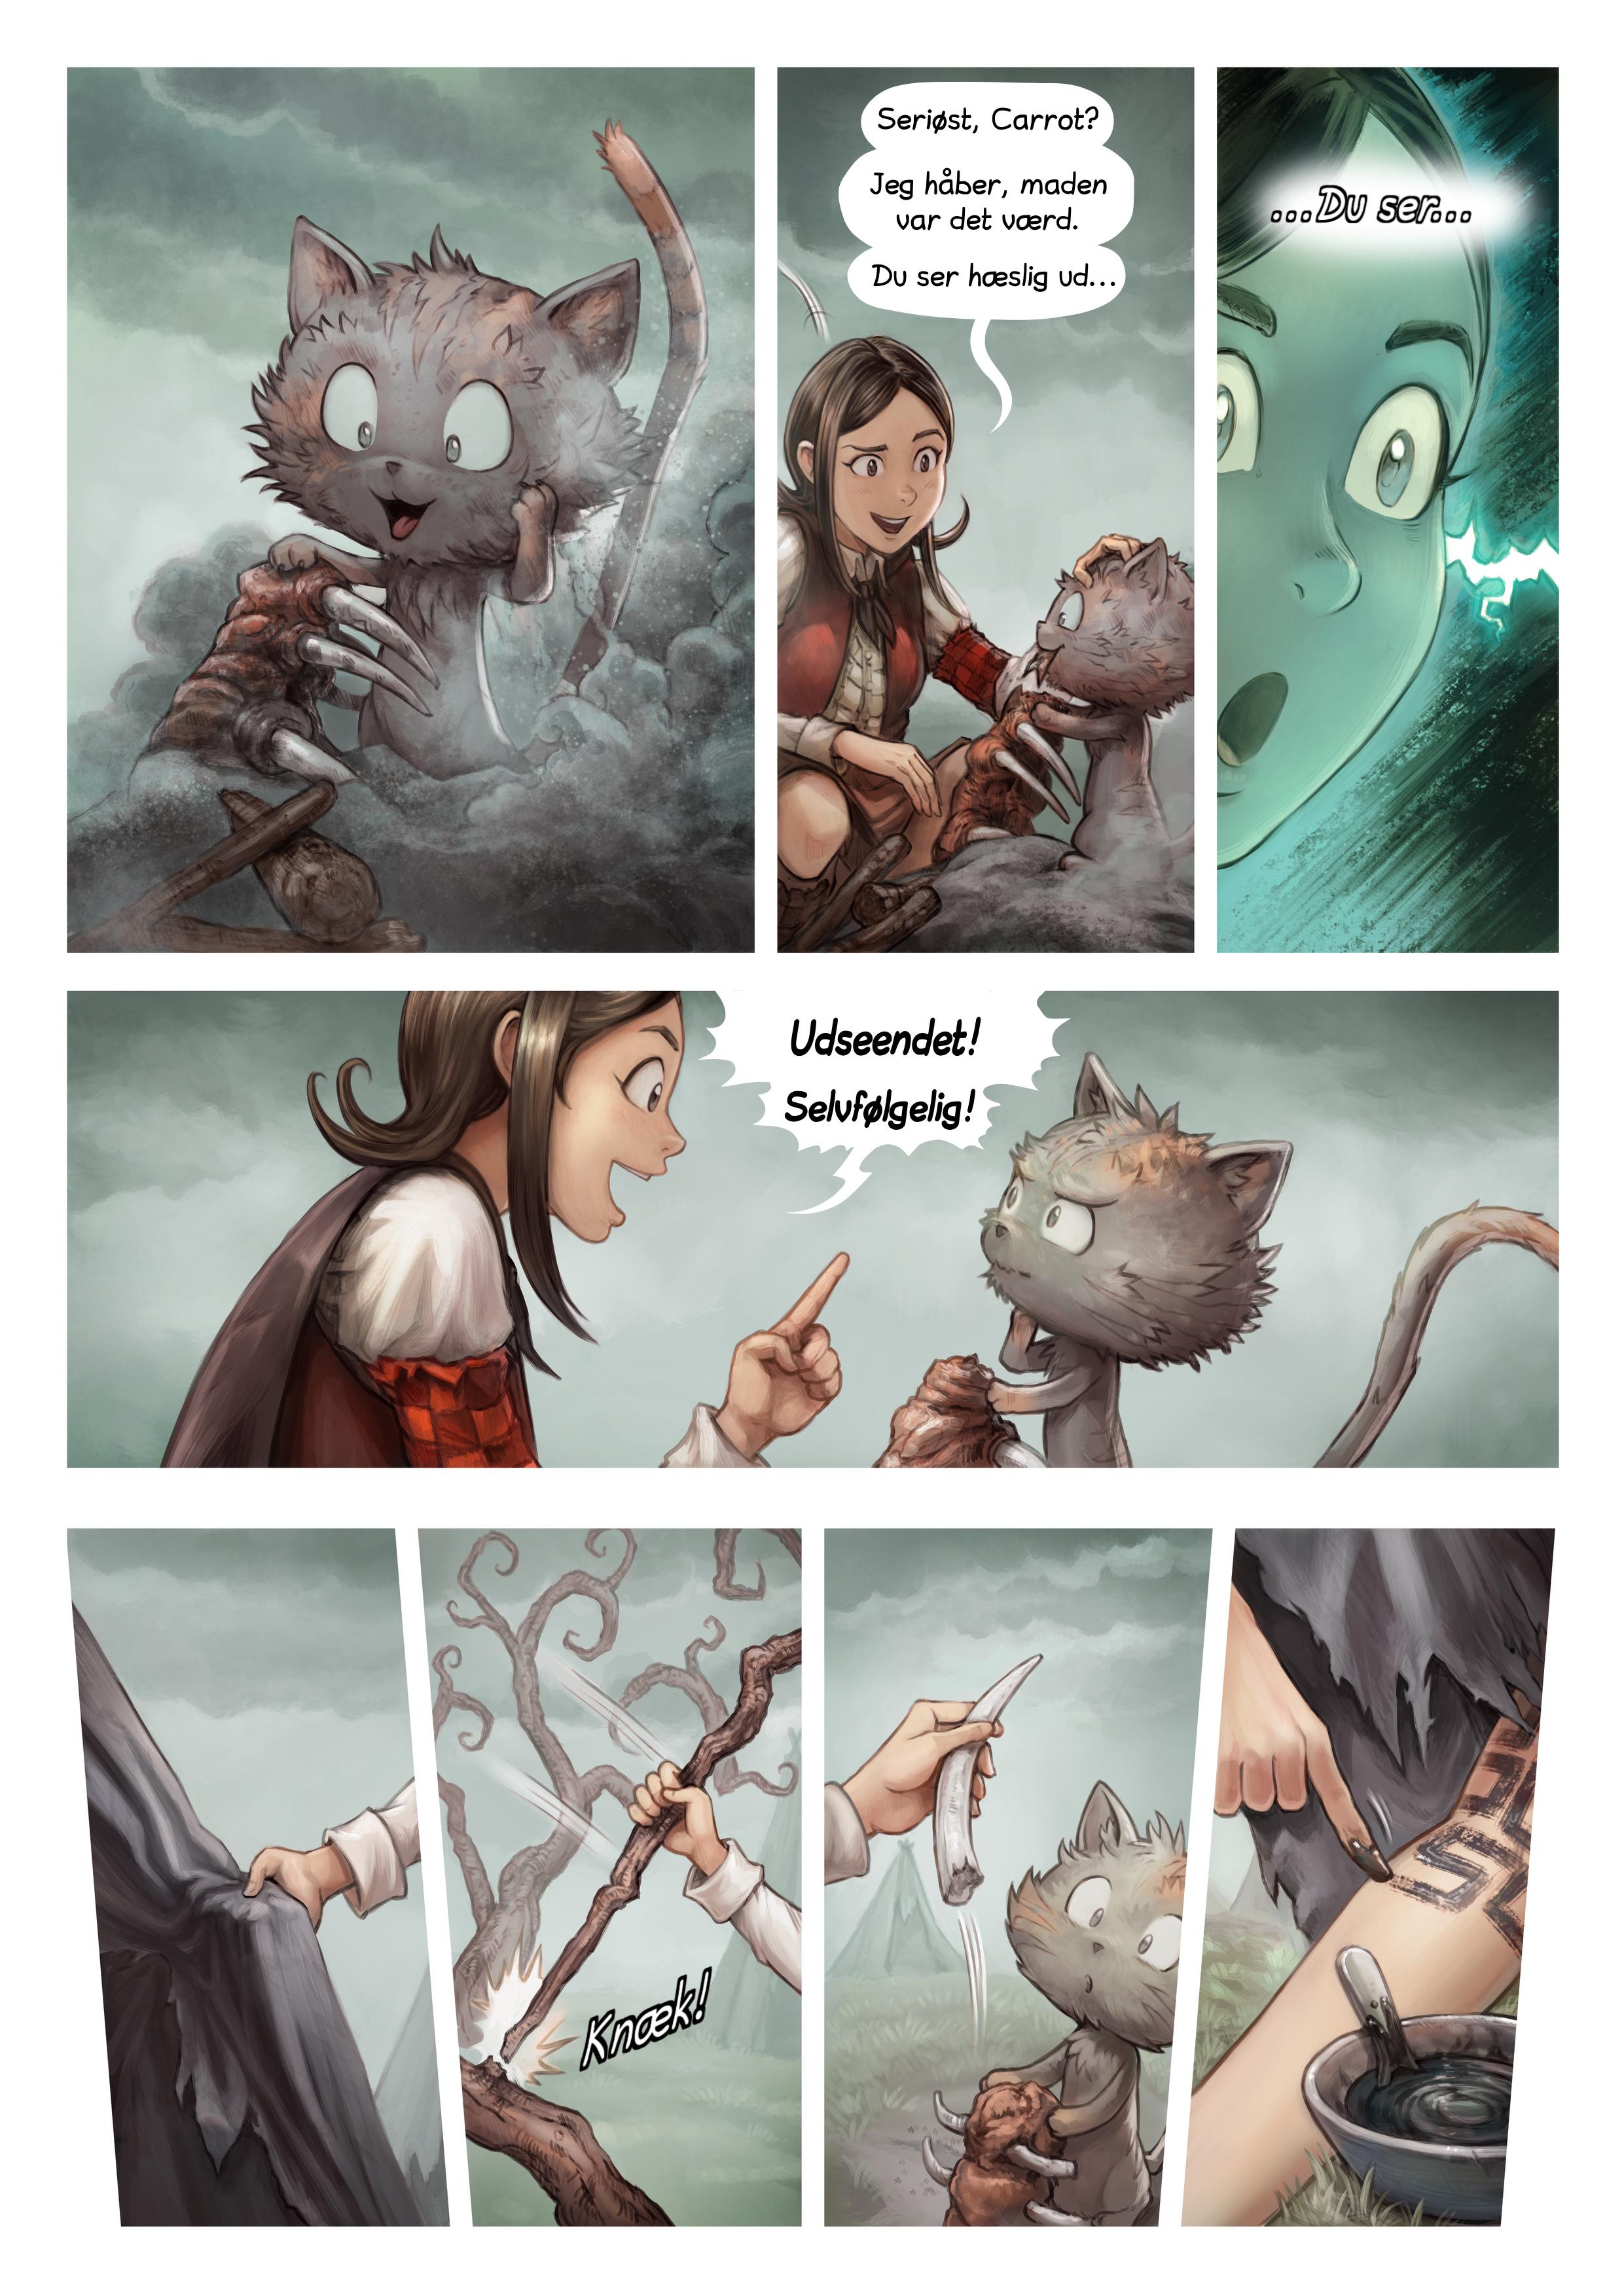 Episode 32: Slagmarken, Page 5